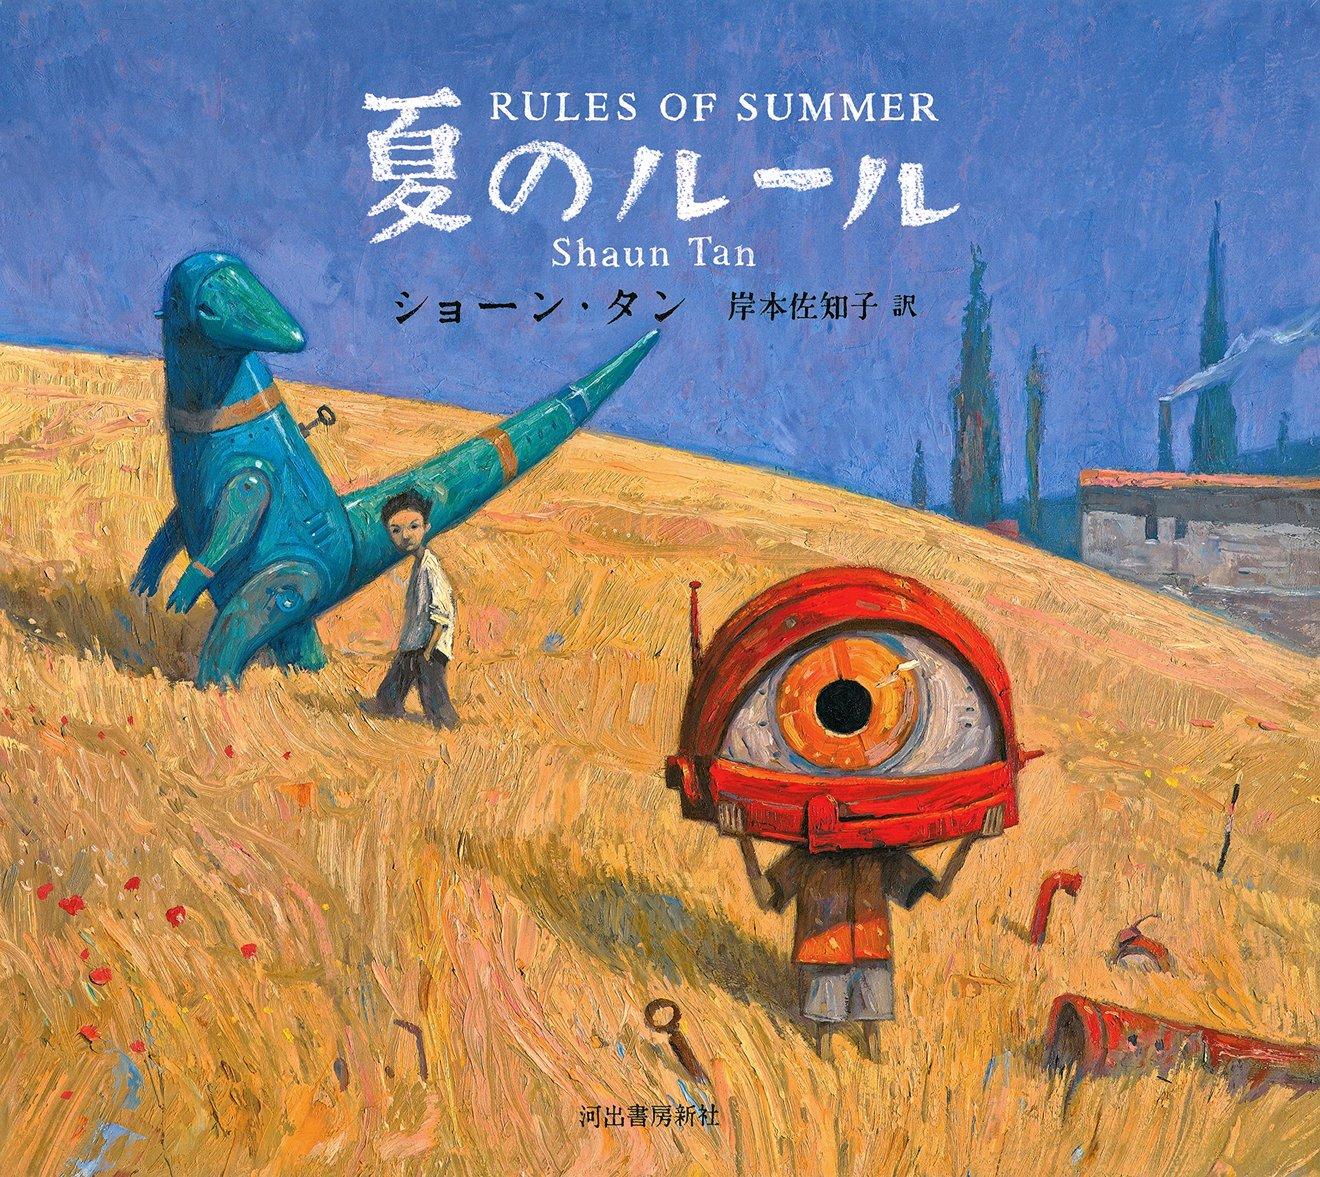 夏に読みたい絵本おすすめ5選!季節感が楽しめる物語